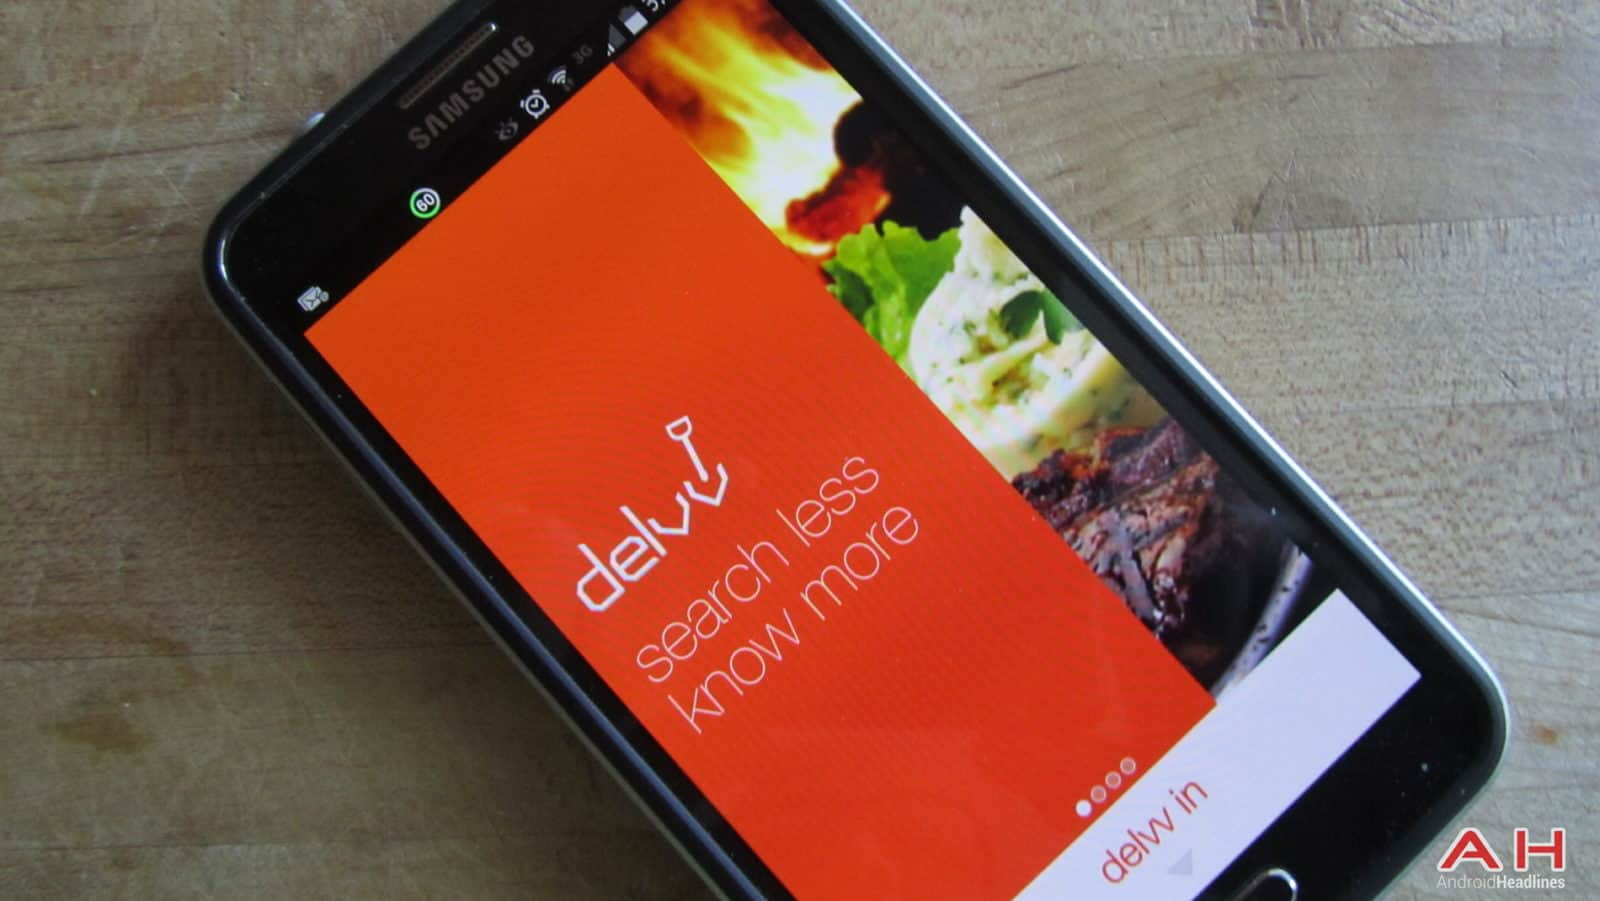 Delvv App AH